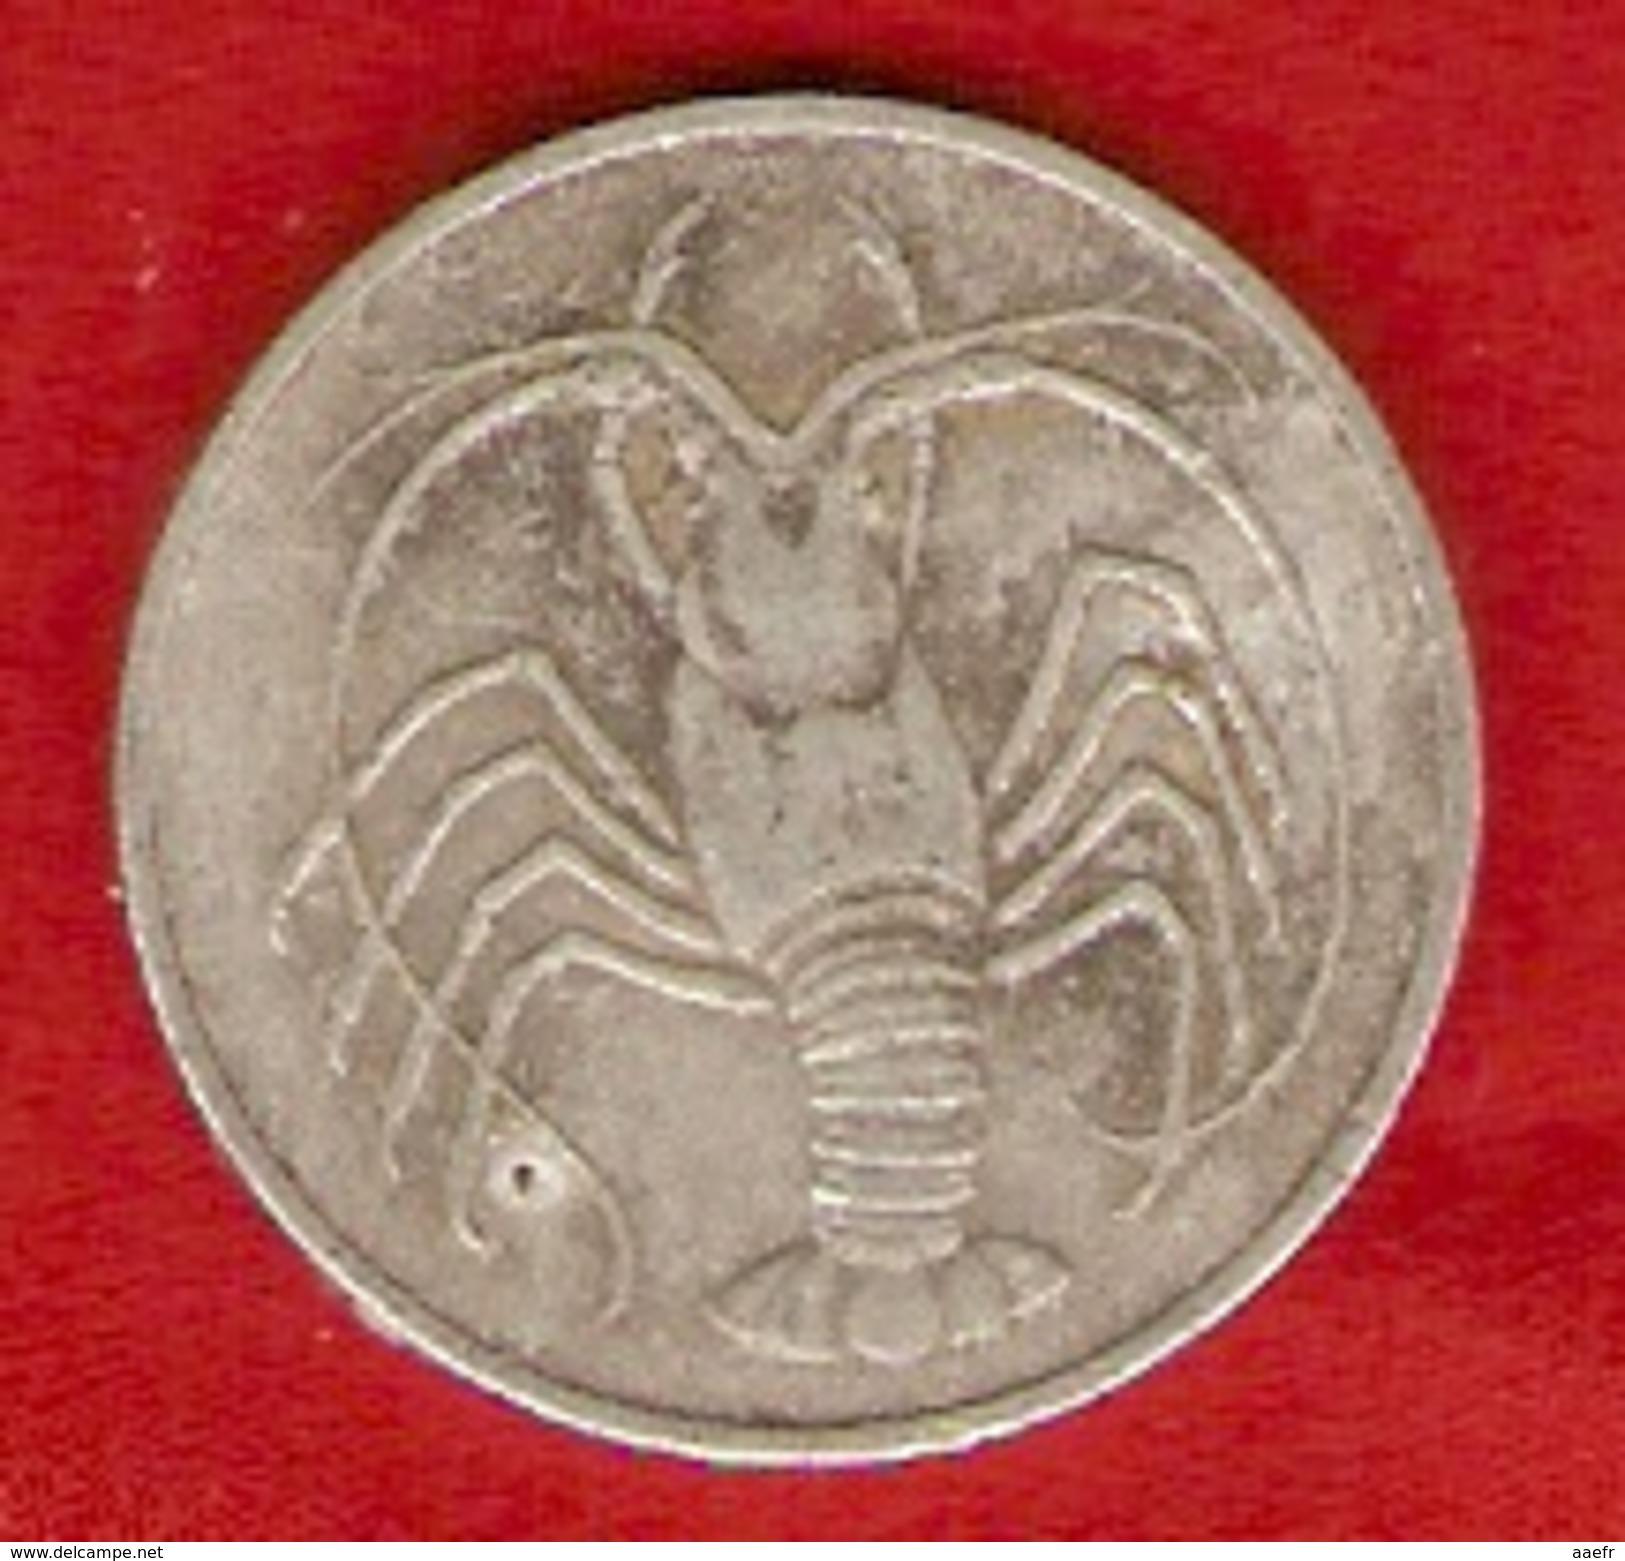 Monnaie - Yemen - 5 Fils  - 1973 - KM4 - Peoples Democratic Republic Of Yemen (Aden) - Yémen